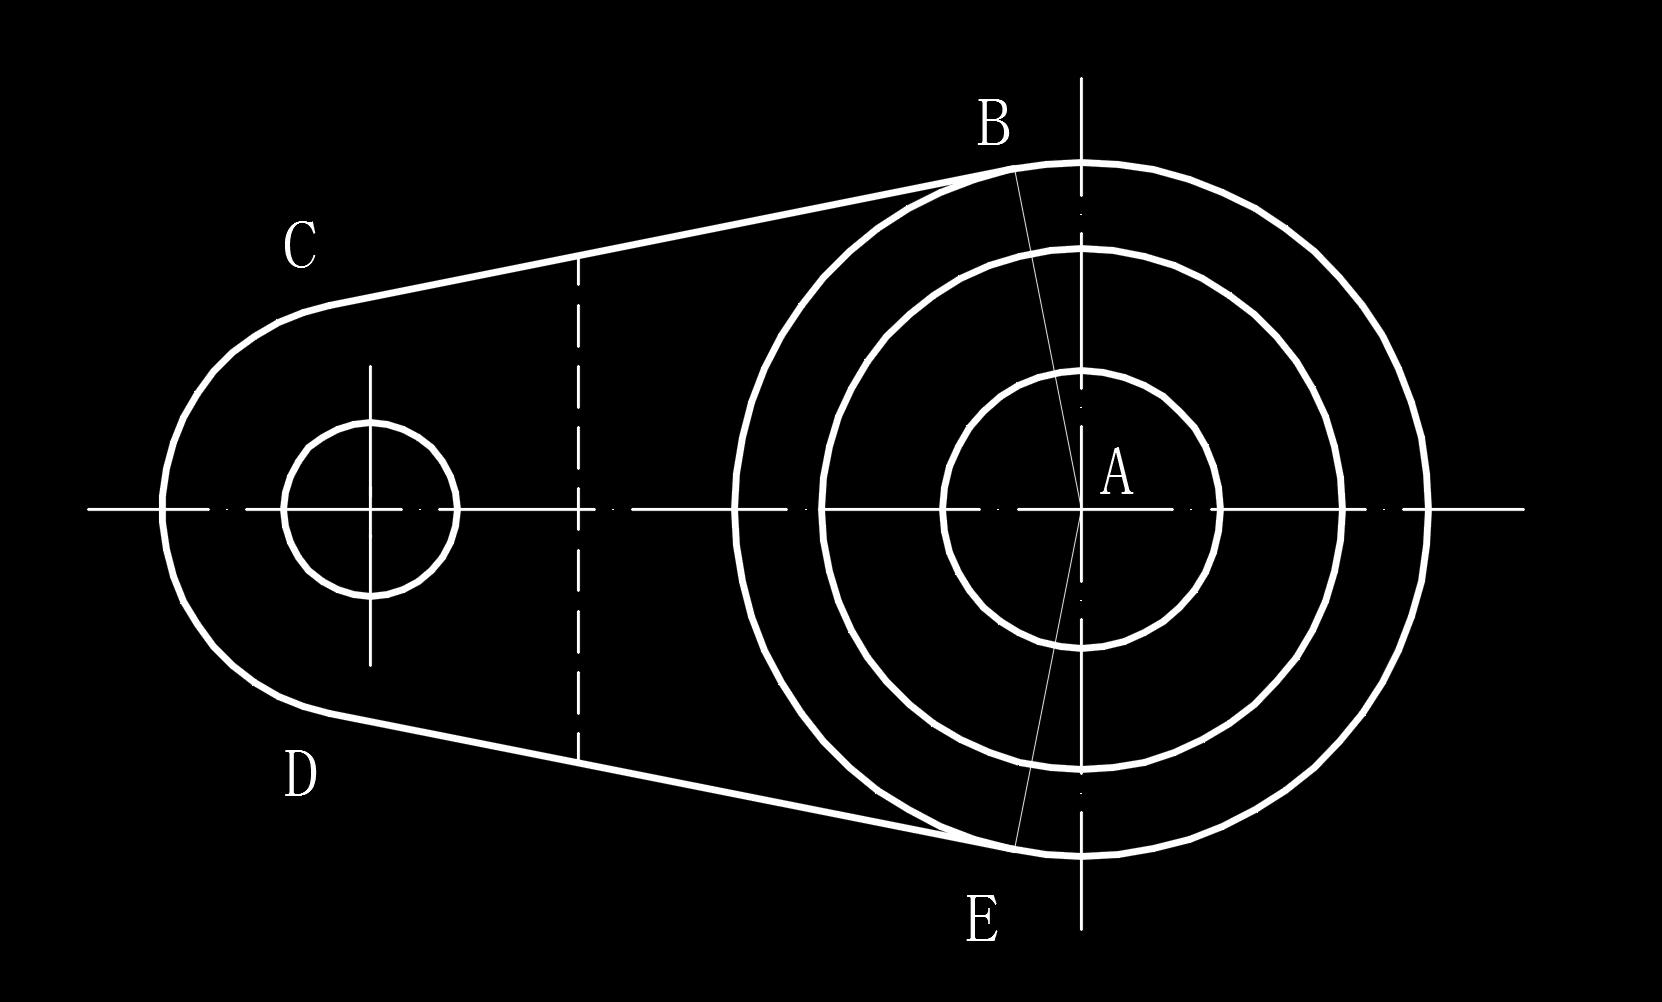 CAD如何查询两点之间的距离,查询距离命令是什么